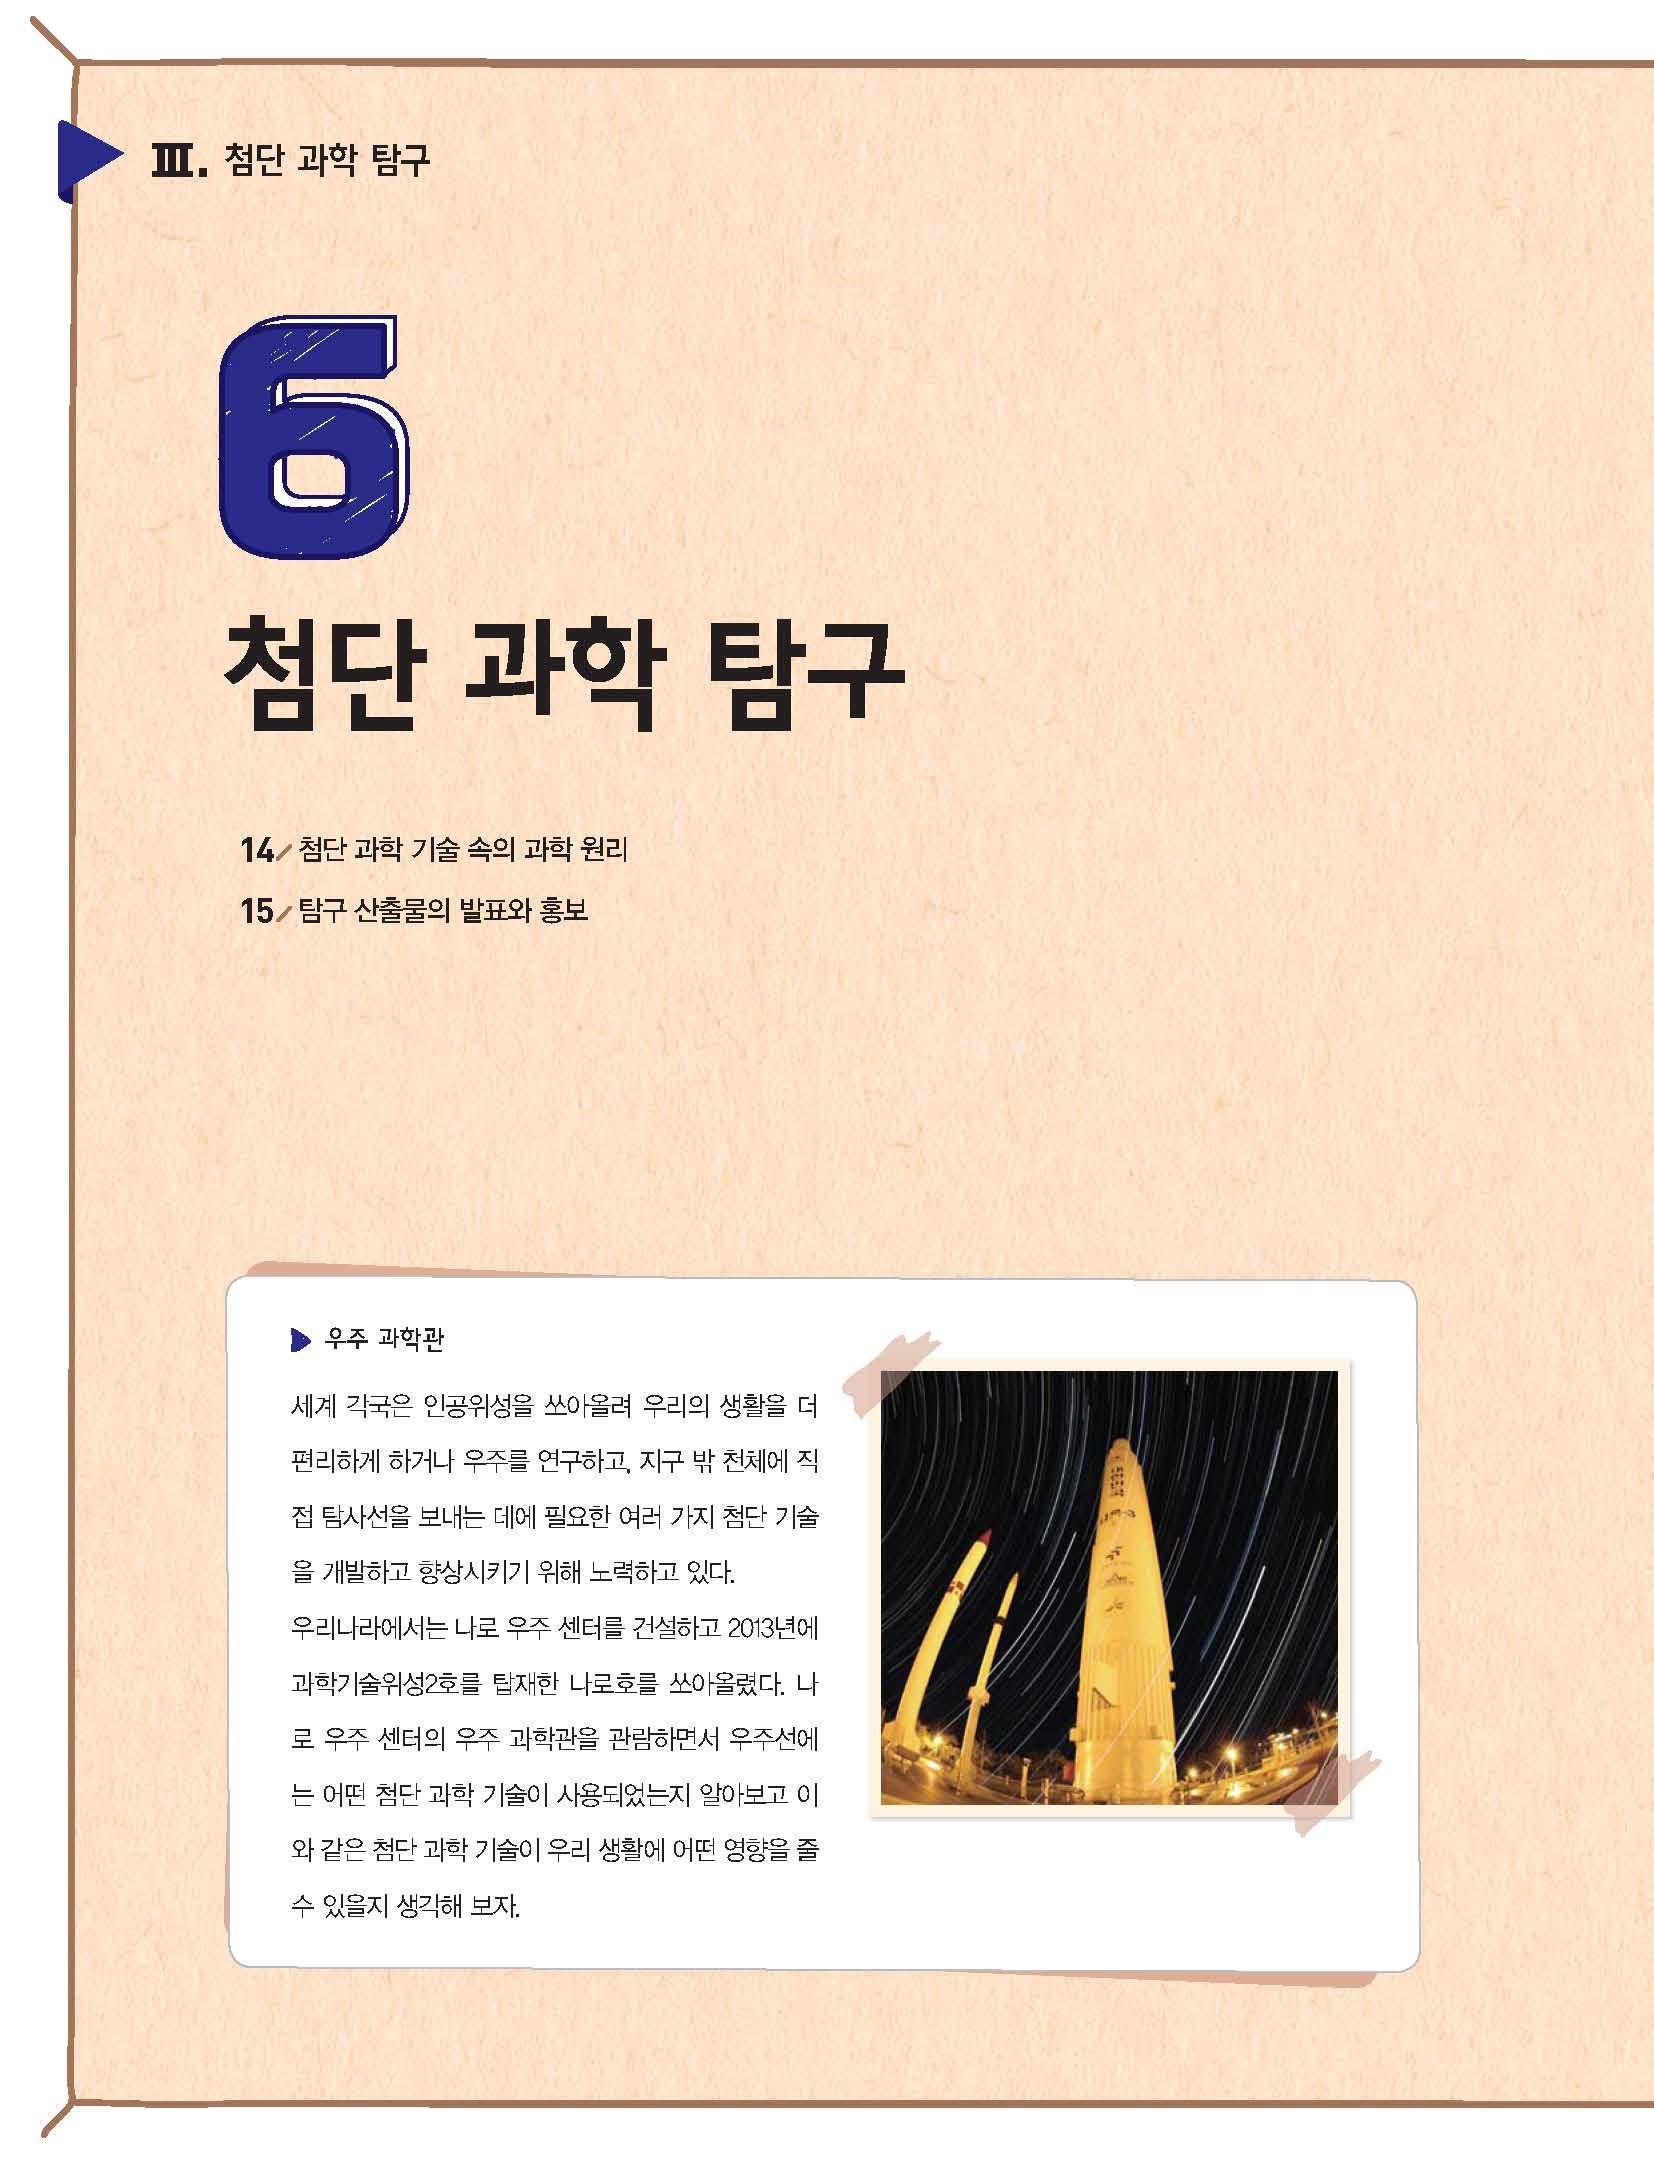 6.첨단 과학 탐구 제목 이미지